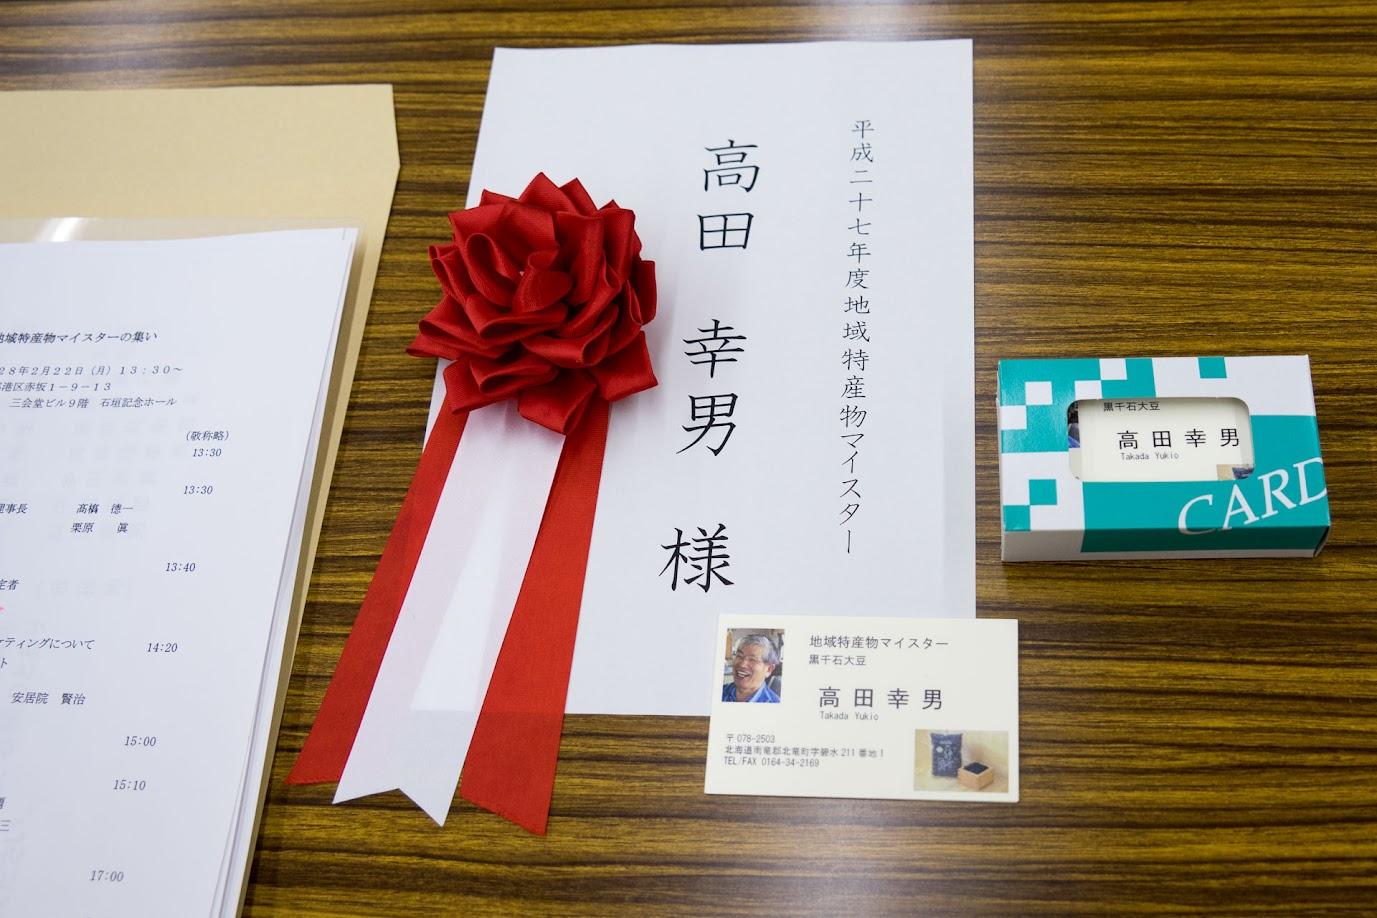 黒千石大豆・地域特産物マイスターの名刺も準備されていました